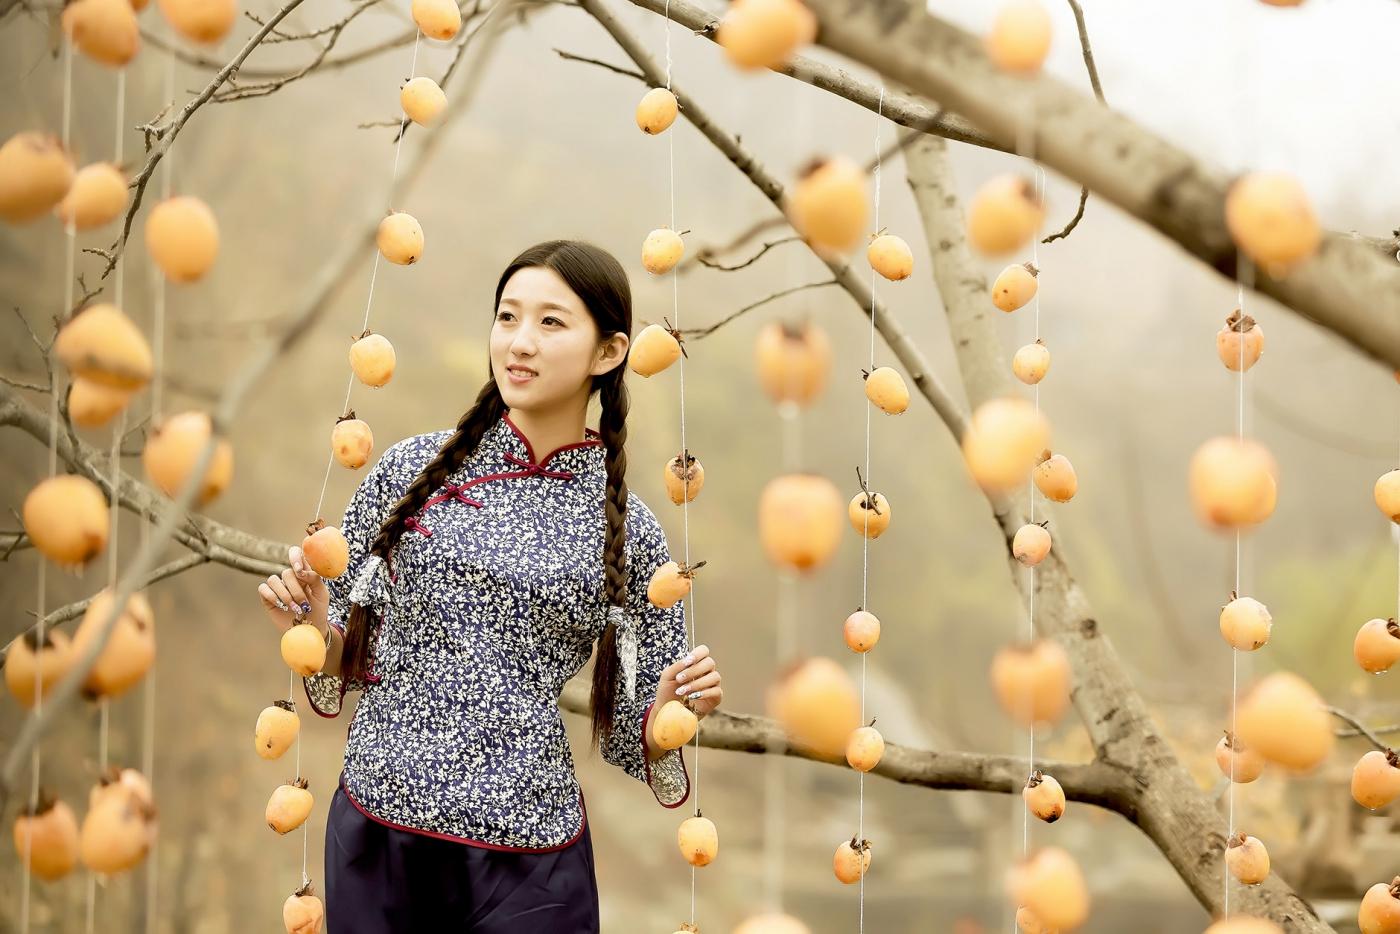 煎饼mm刘晓旭来到蒙山人家柿子节客串柿子西施_图1-10